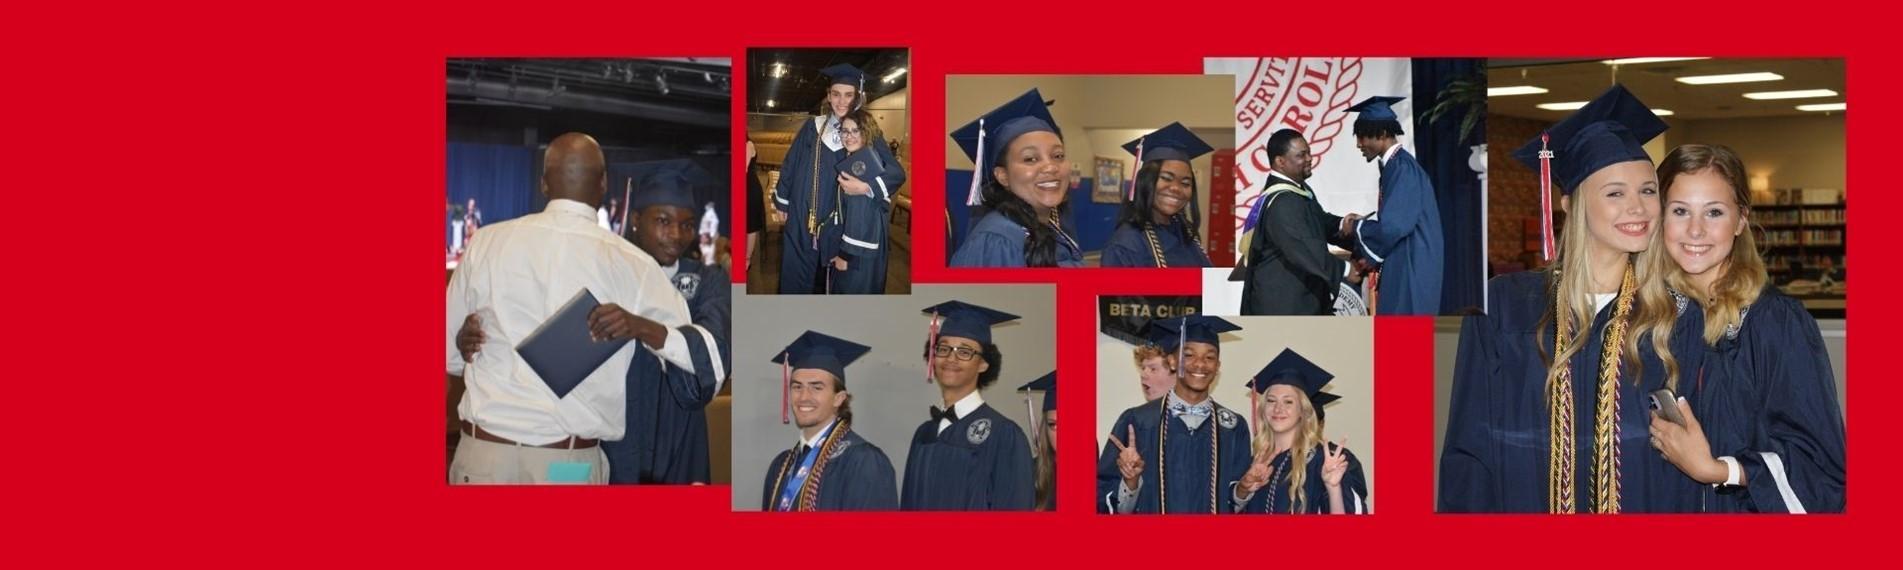 High Point Academy Graduation 2021